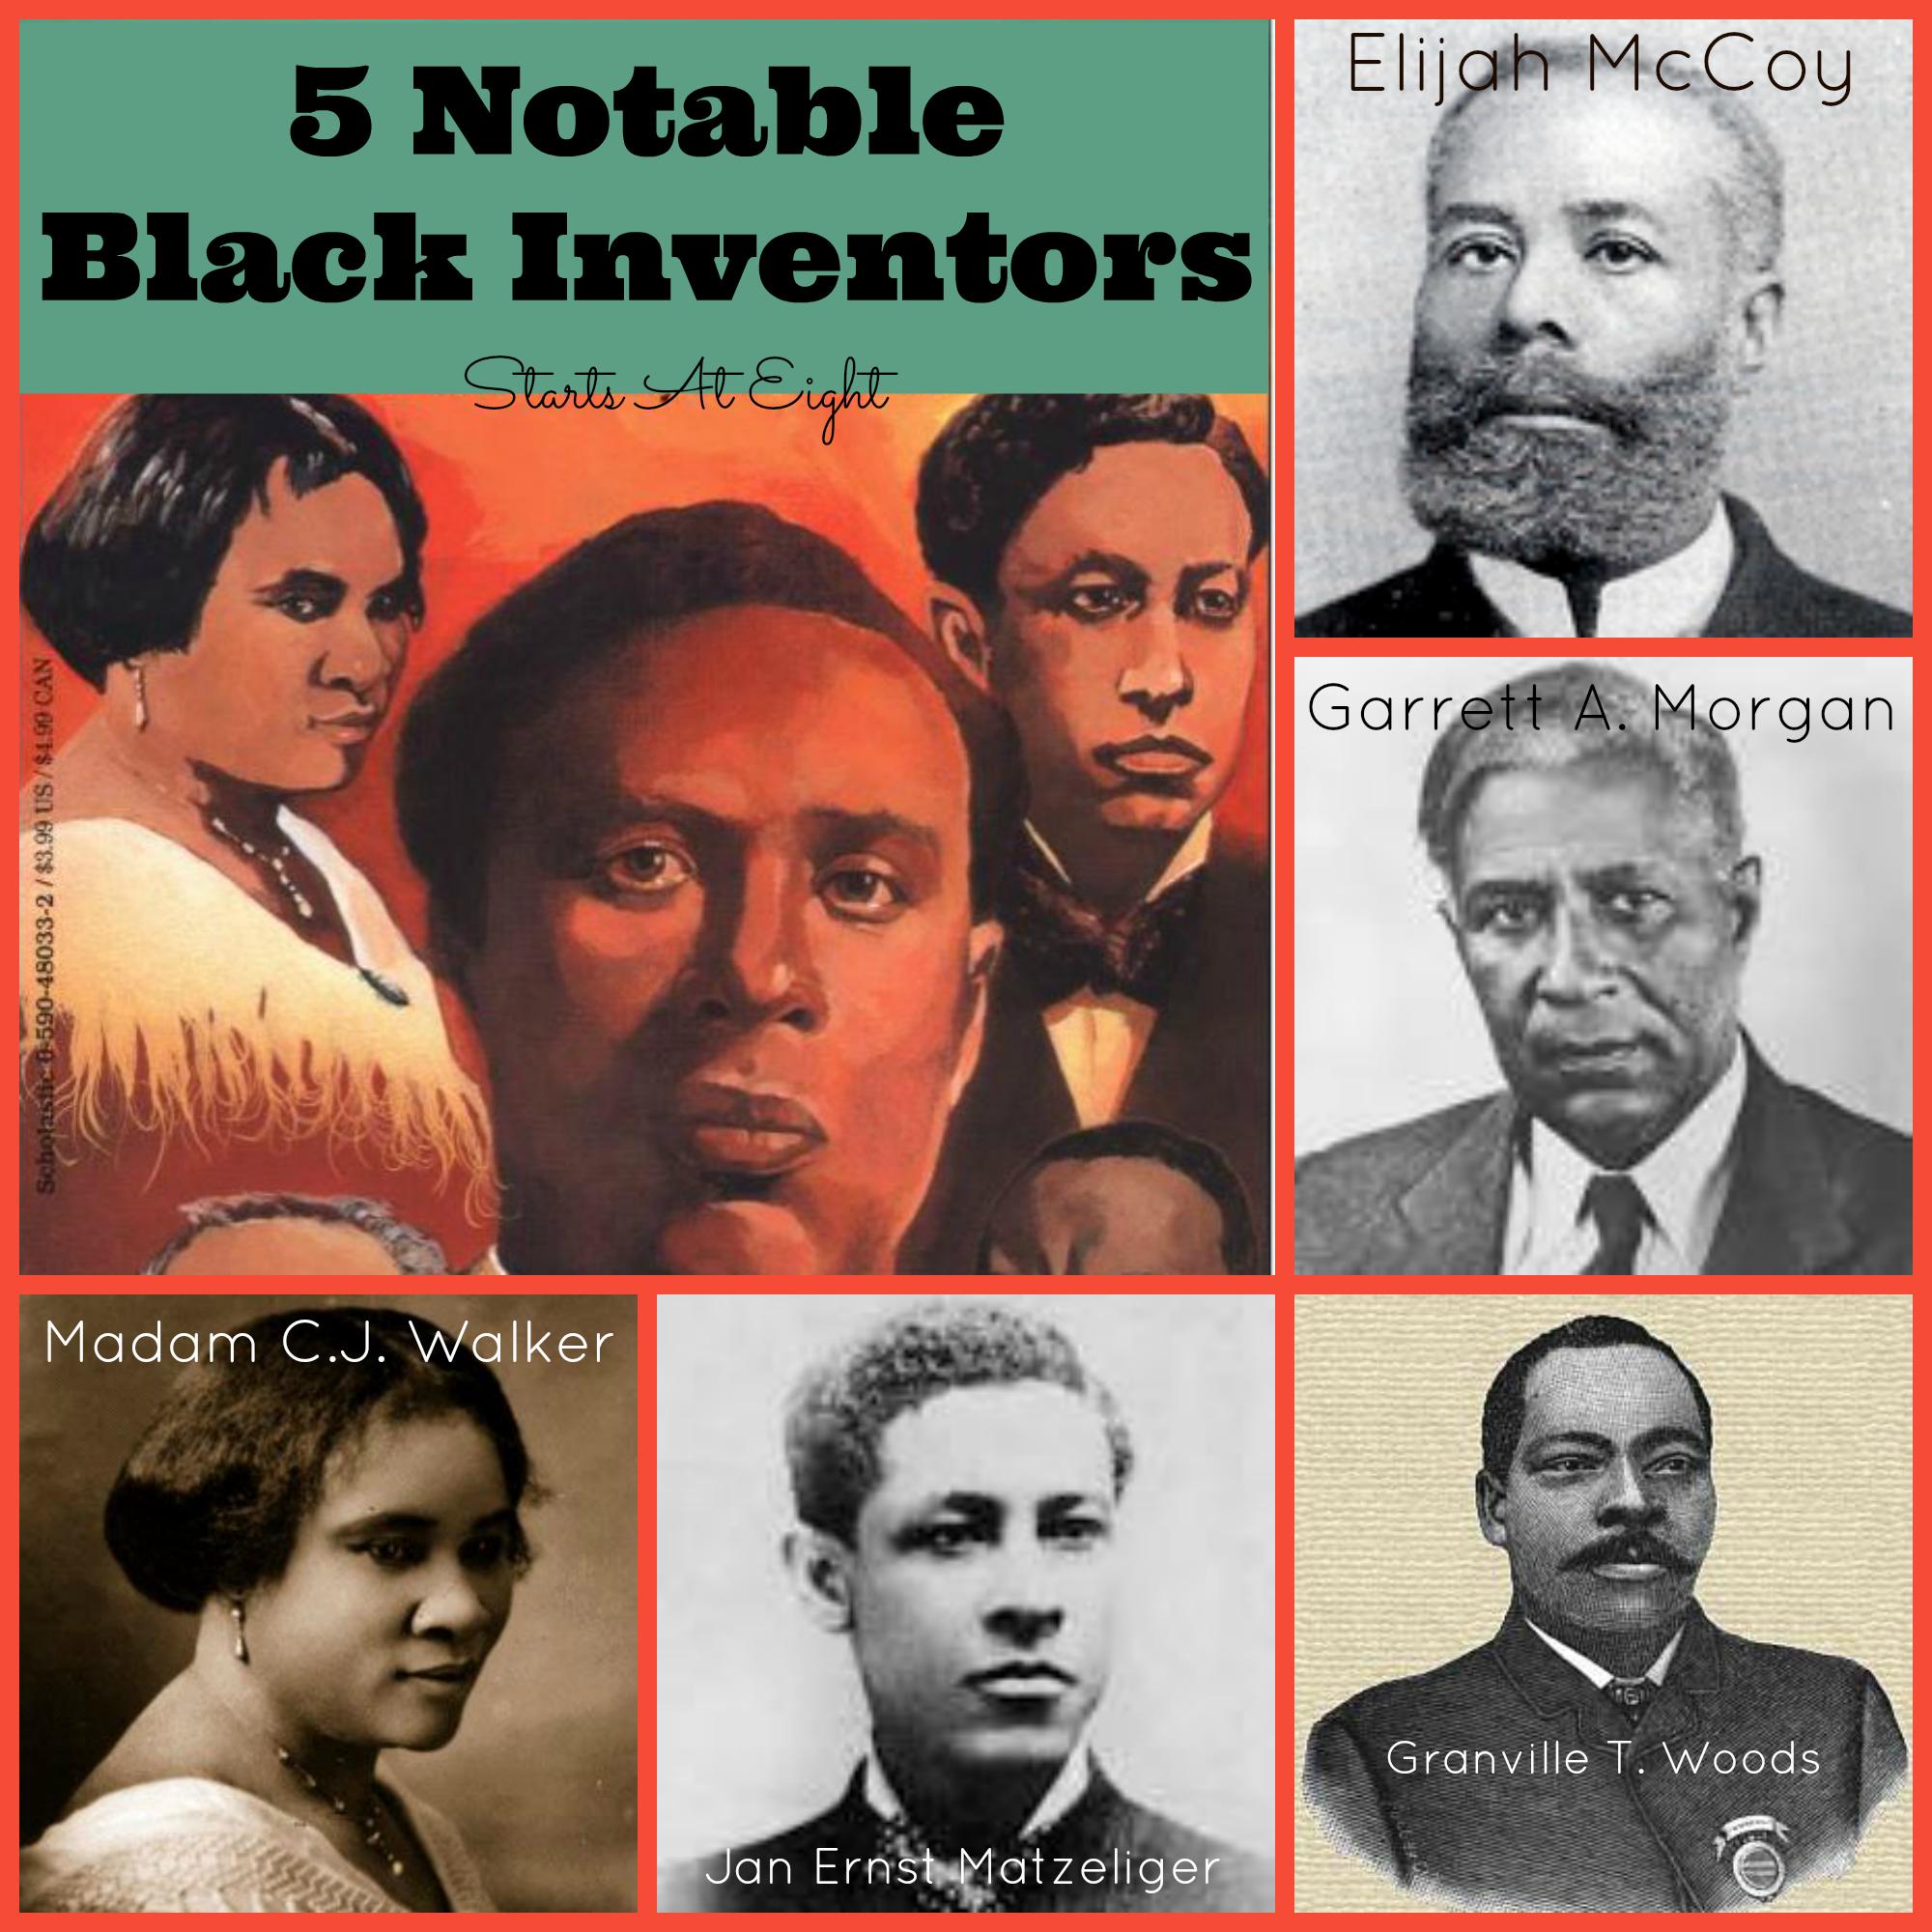 5 Notable Black Inventors